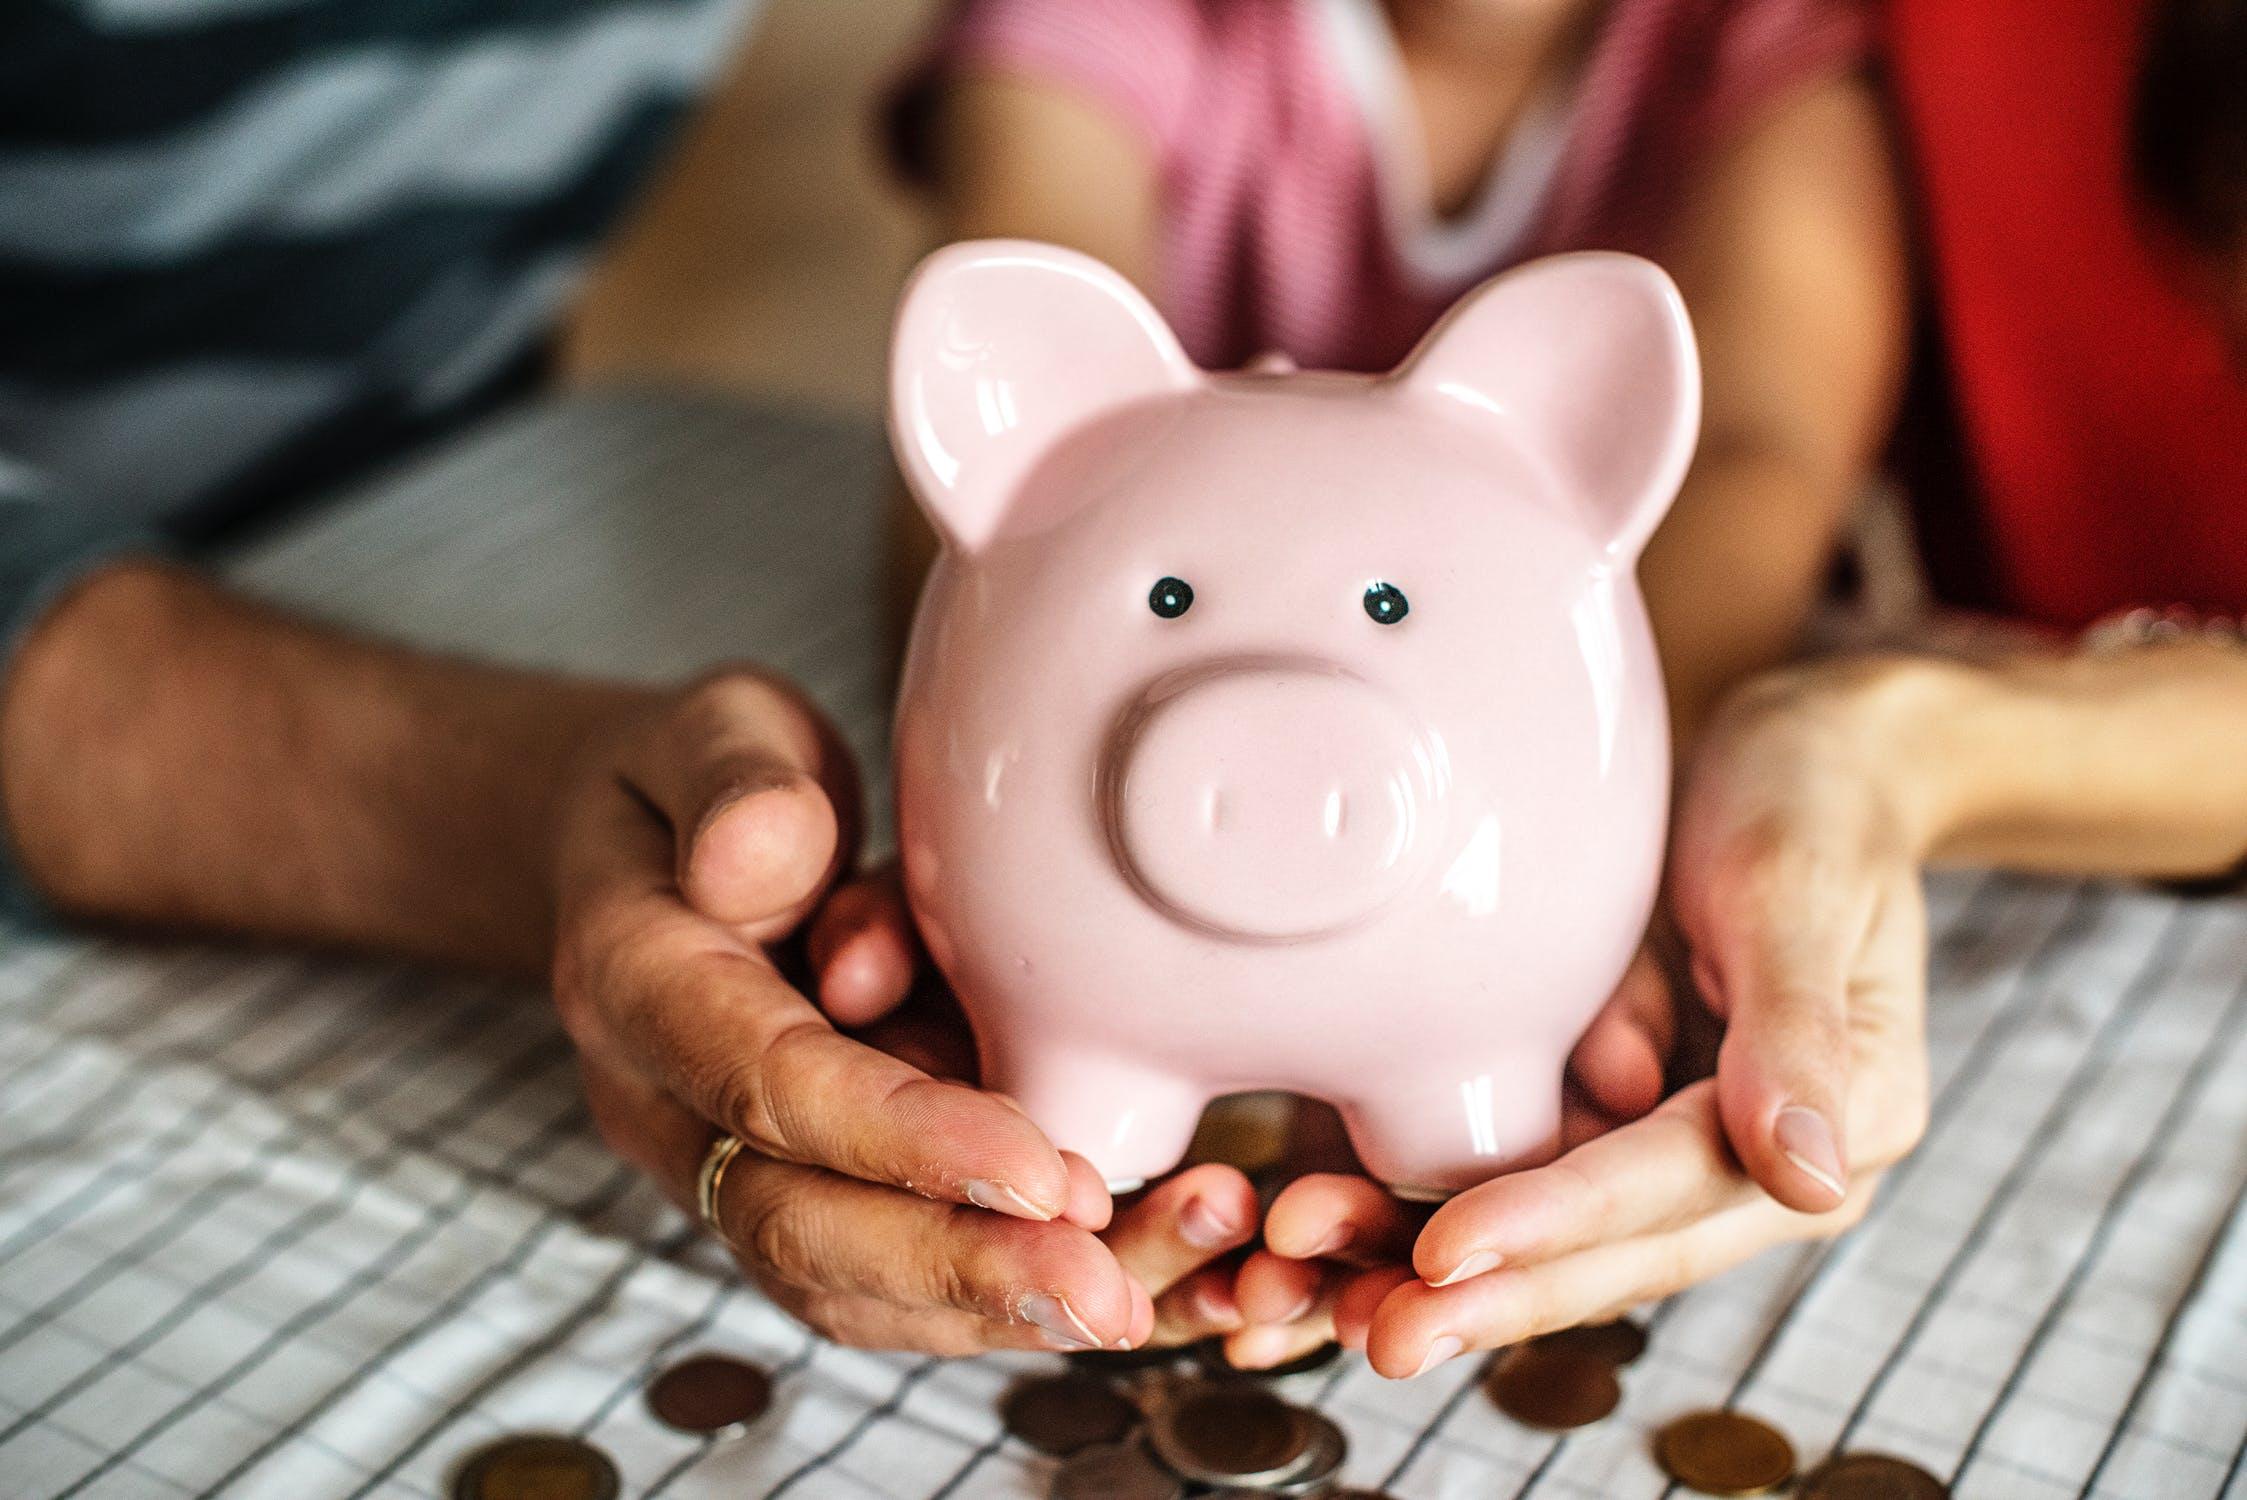 Meklē veidus kā nopelnīt naudu tiešsaistē ātri 2020 gadā.